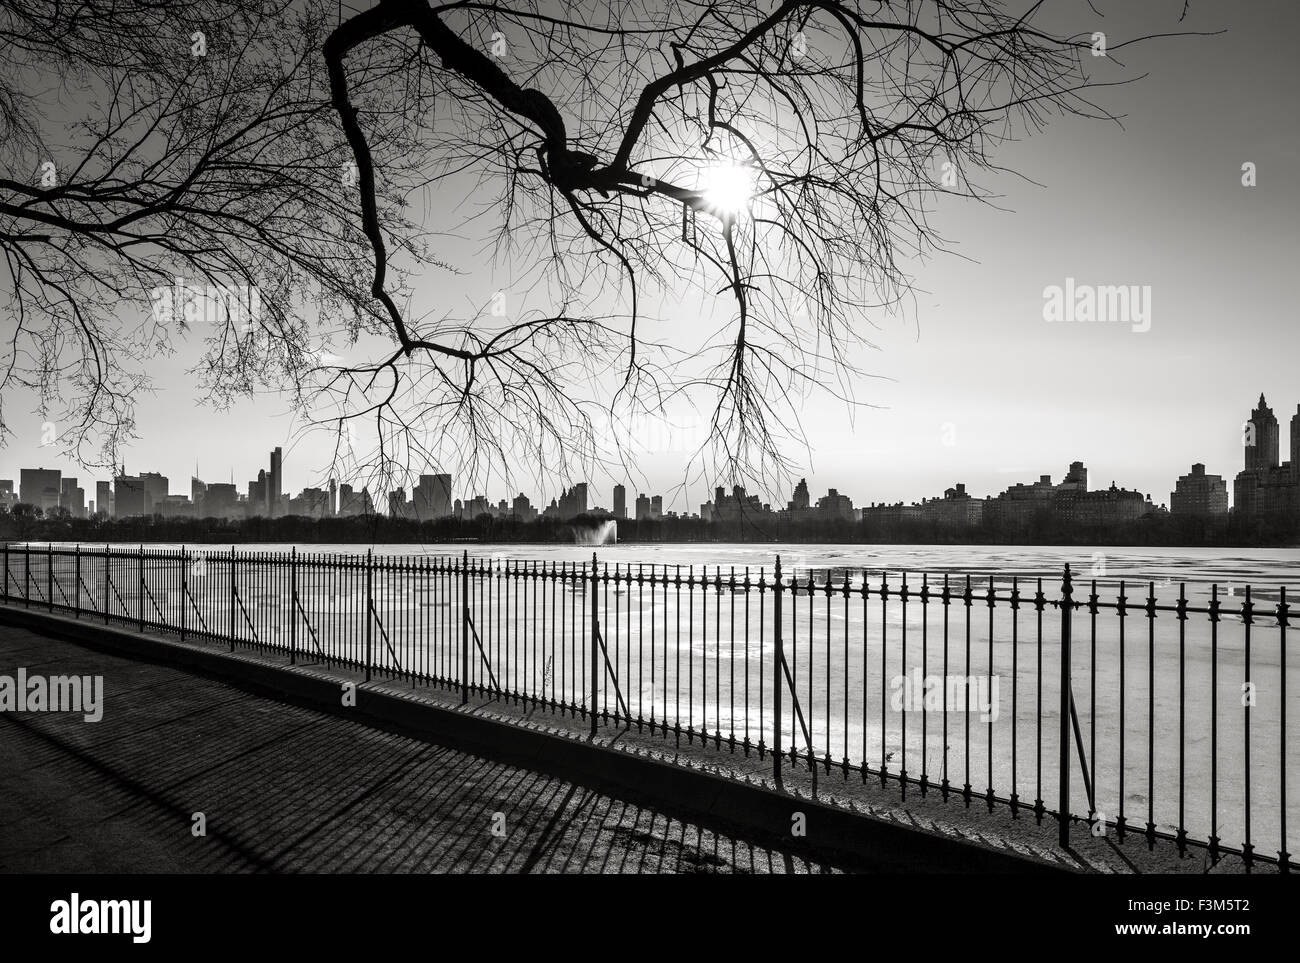 Schwarz / weiß Foto von New York im Winter, das Reservoir im Central Park und Upper West Side, NYC. Stockbild